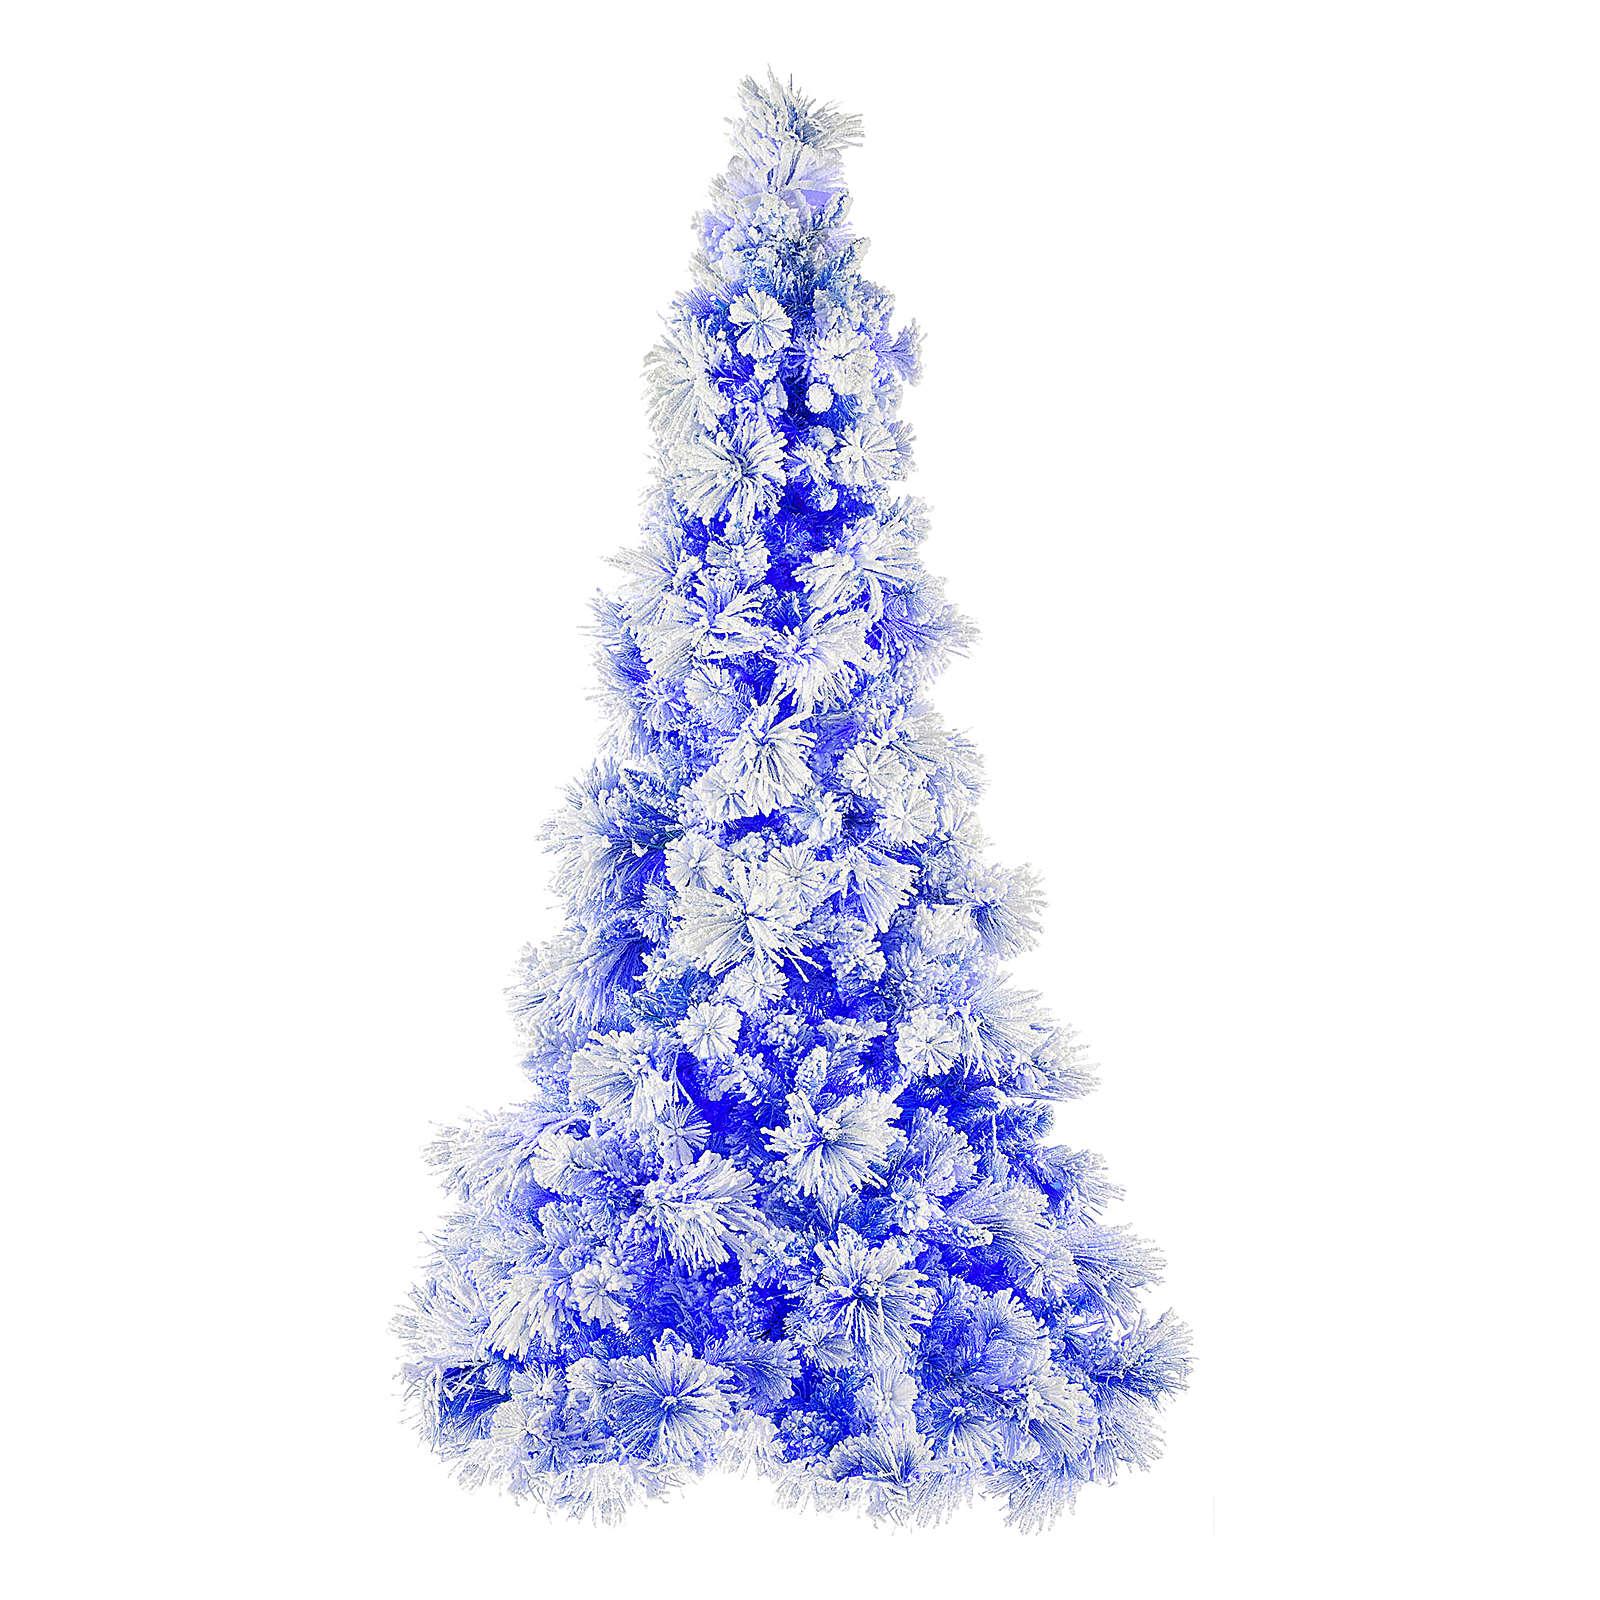 Blauer Weihnachtsbaum Mod. V.Burgundy 270cm Schnee und Zapfen 600 Lichter 3